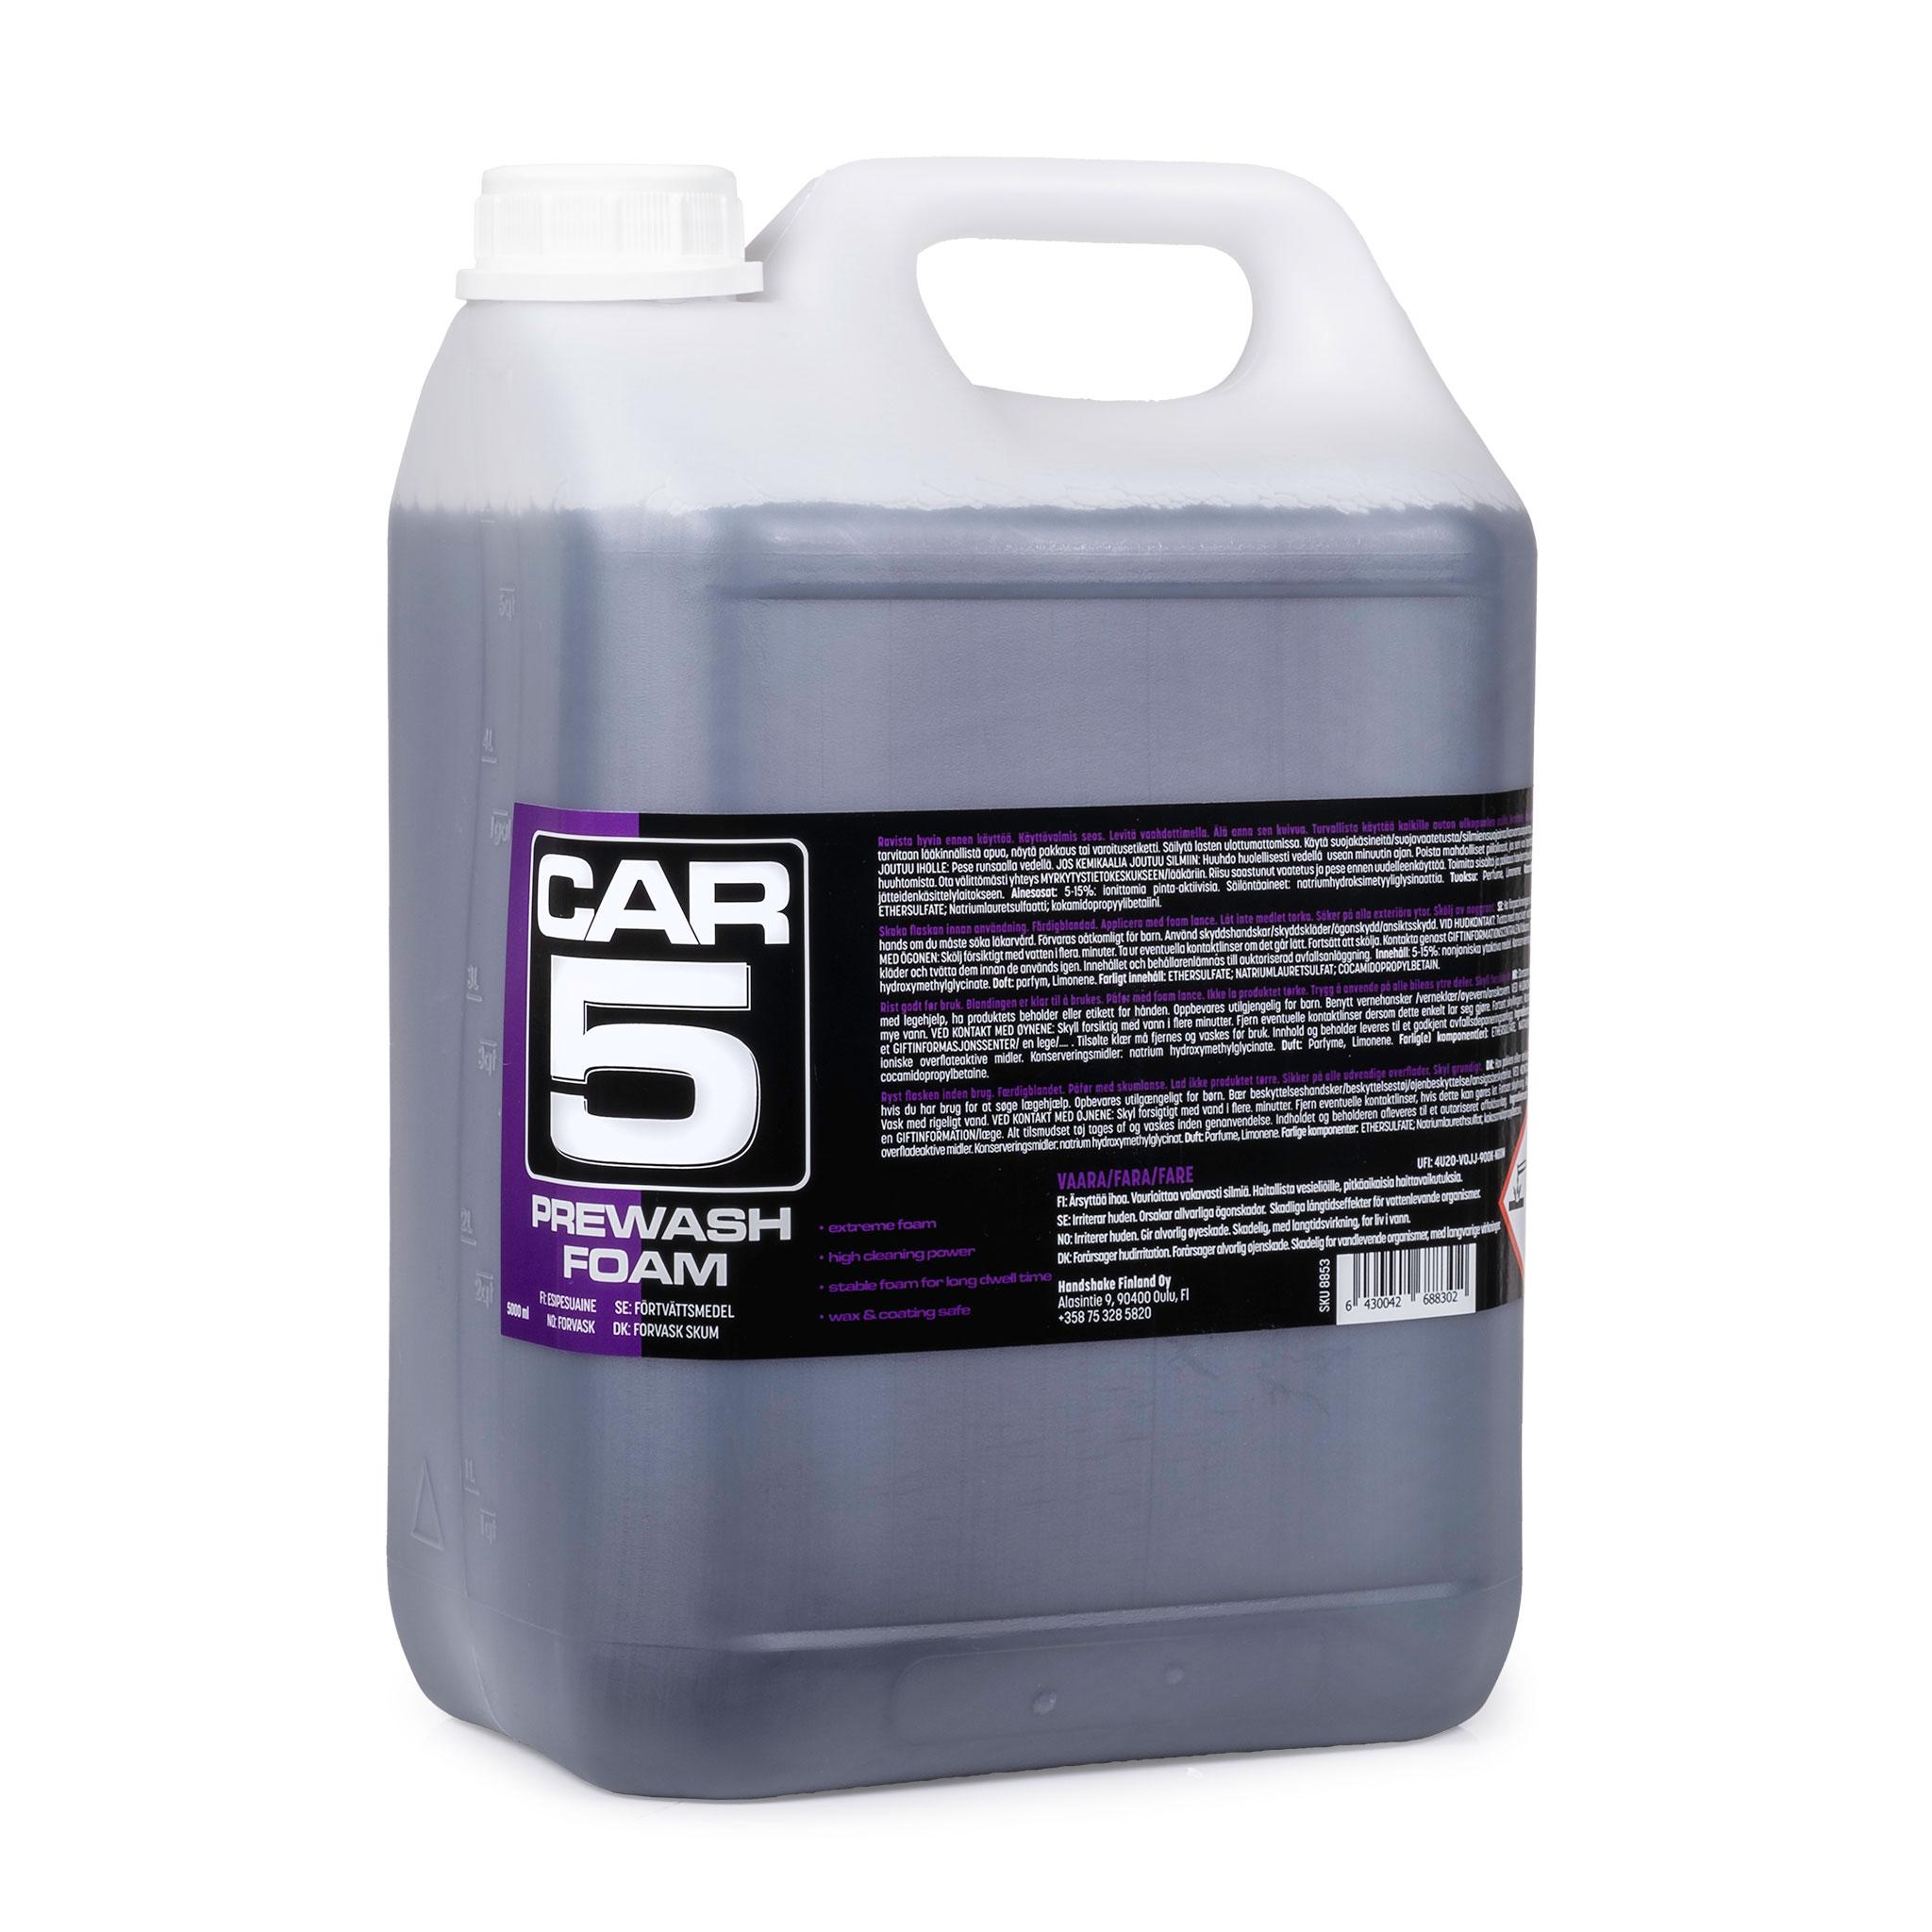 Förtvättsmedel CAR5 Prewash Foam, 5000 ml